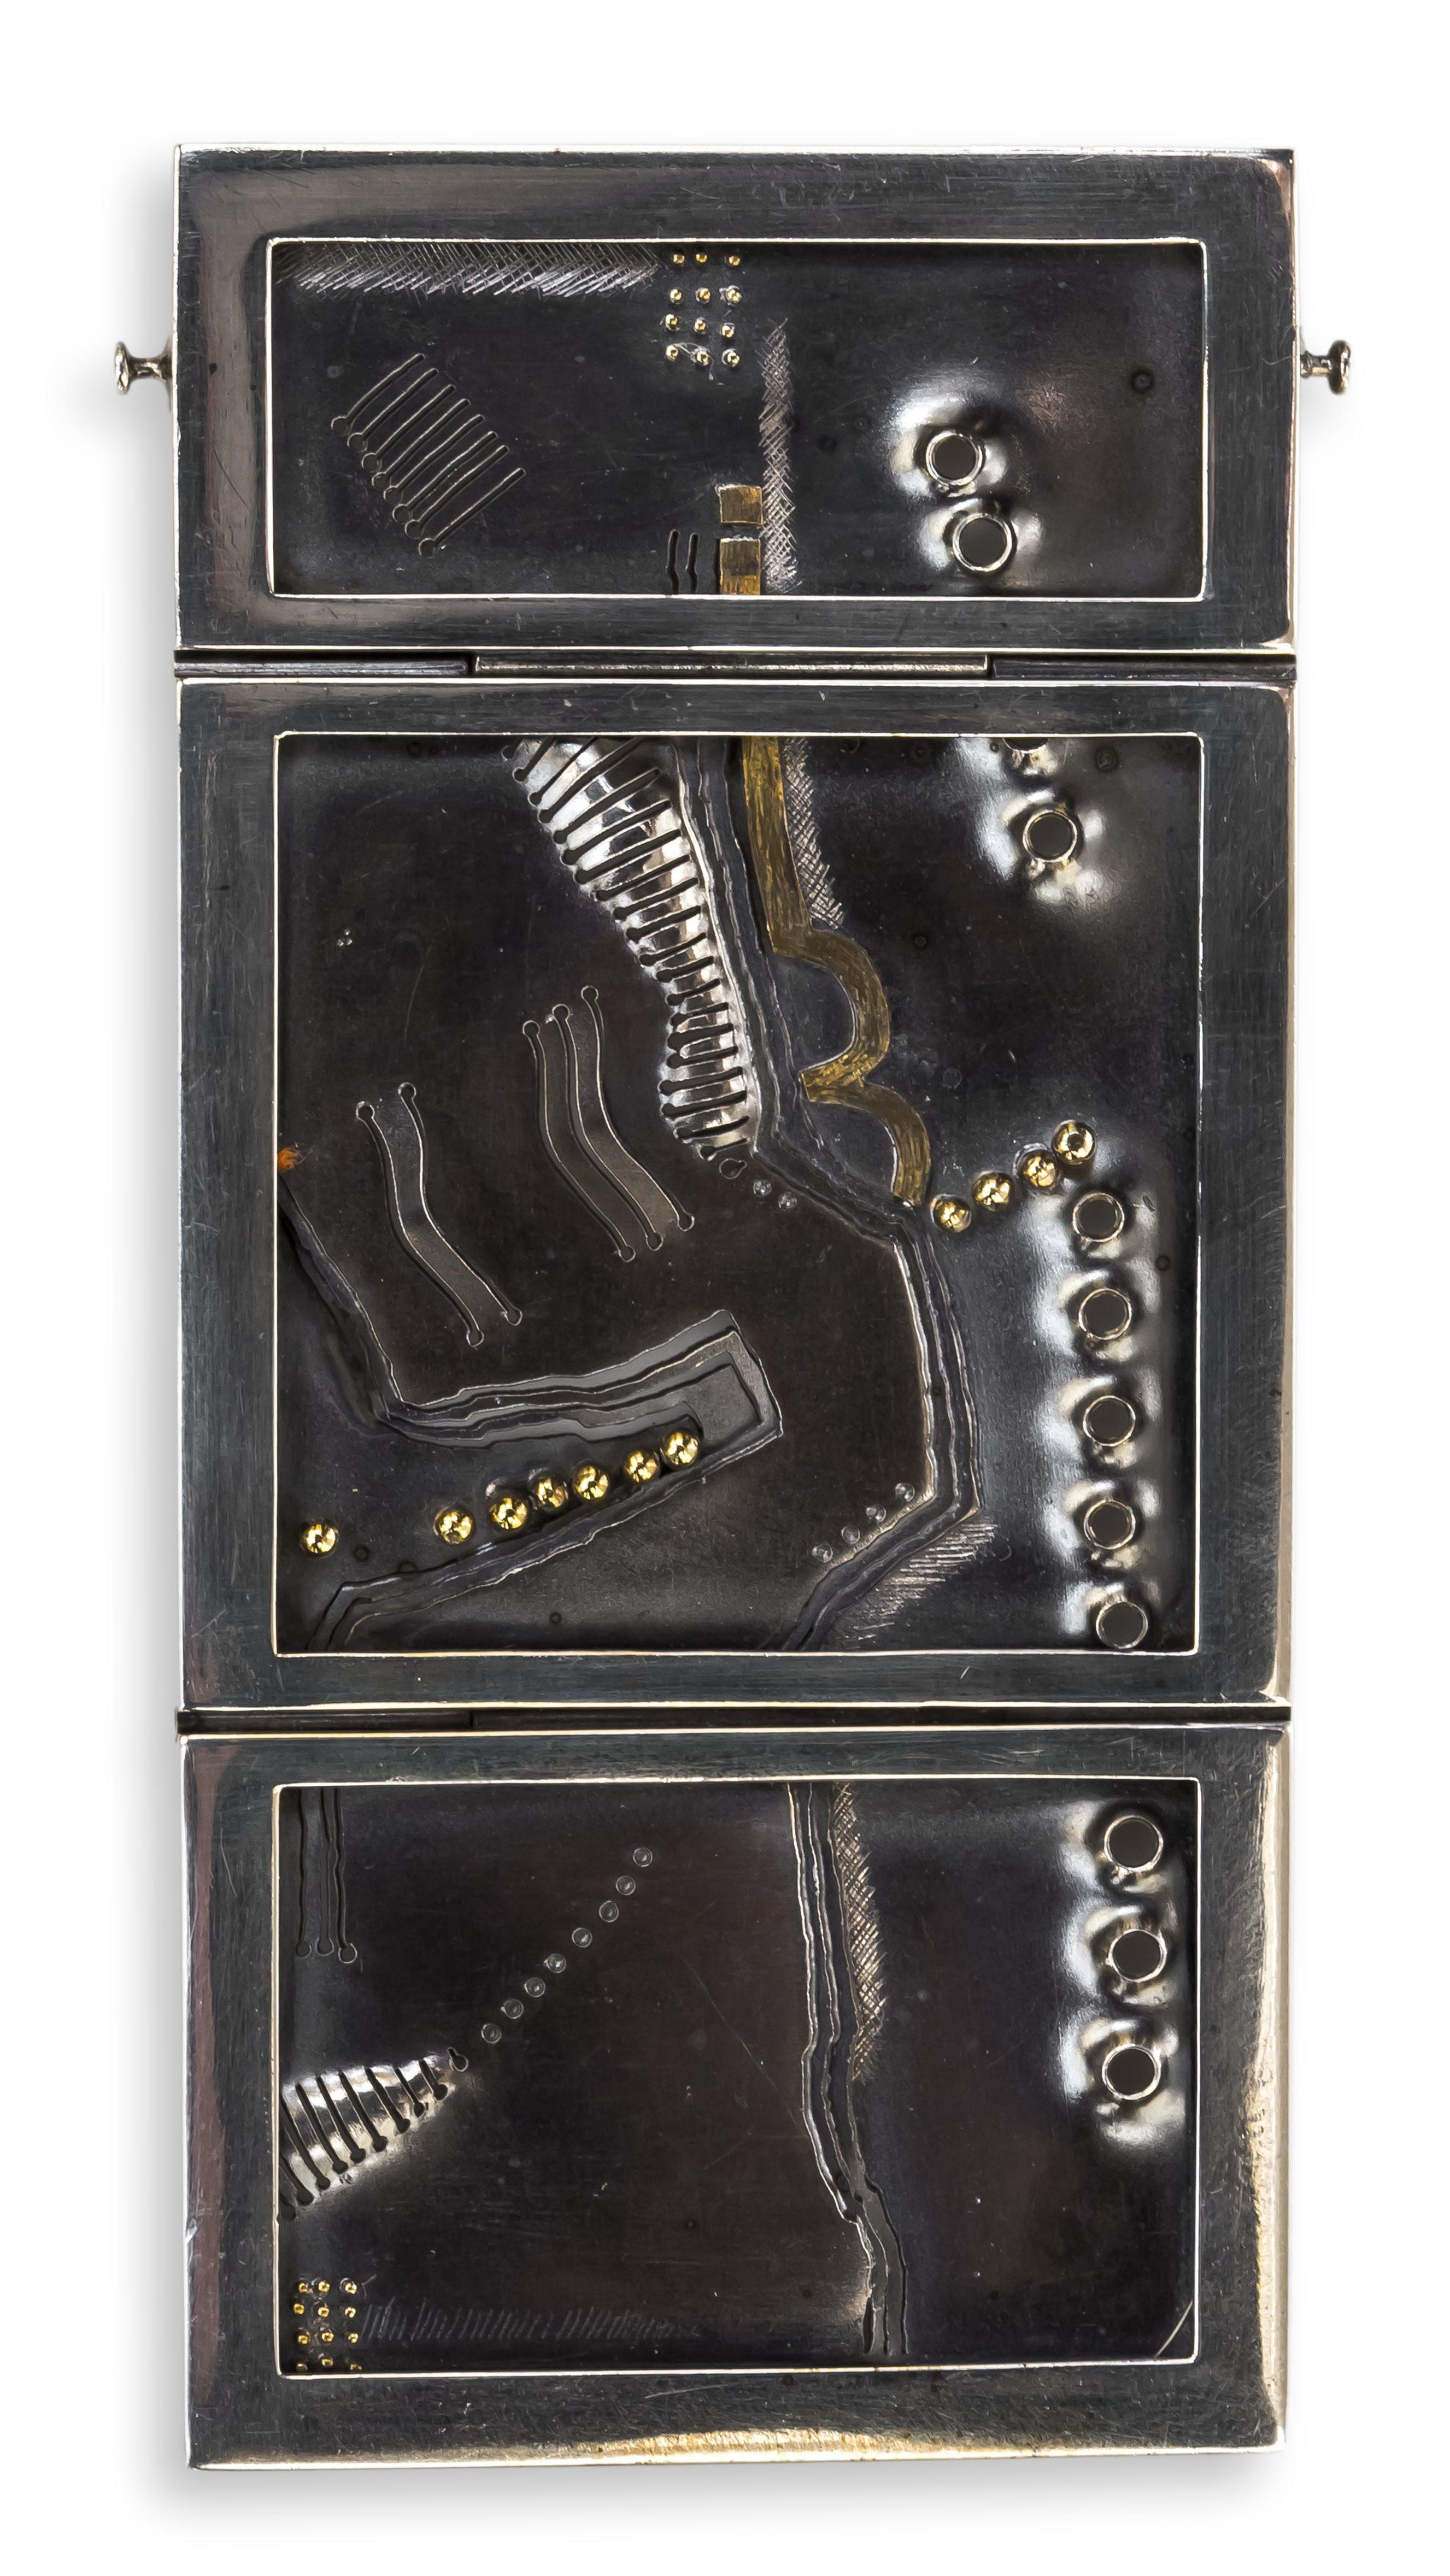 Rüdiger Lorenzen, halssieraad, detail, 1970. Collectie Ida Boelen-van Gelder. Fotografie Aldo Smit©